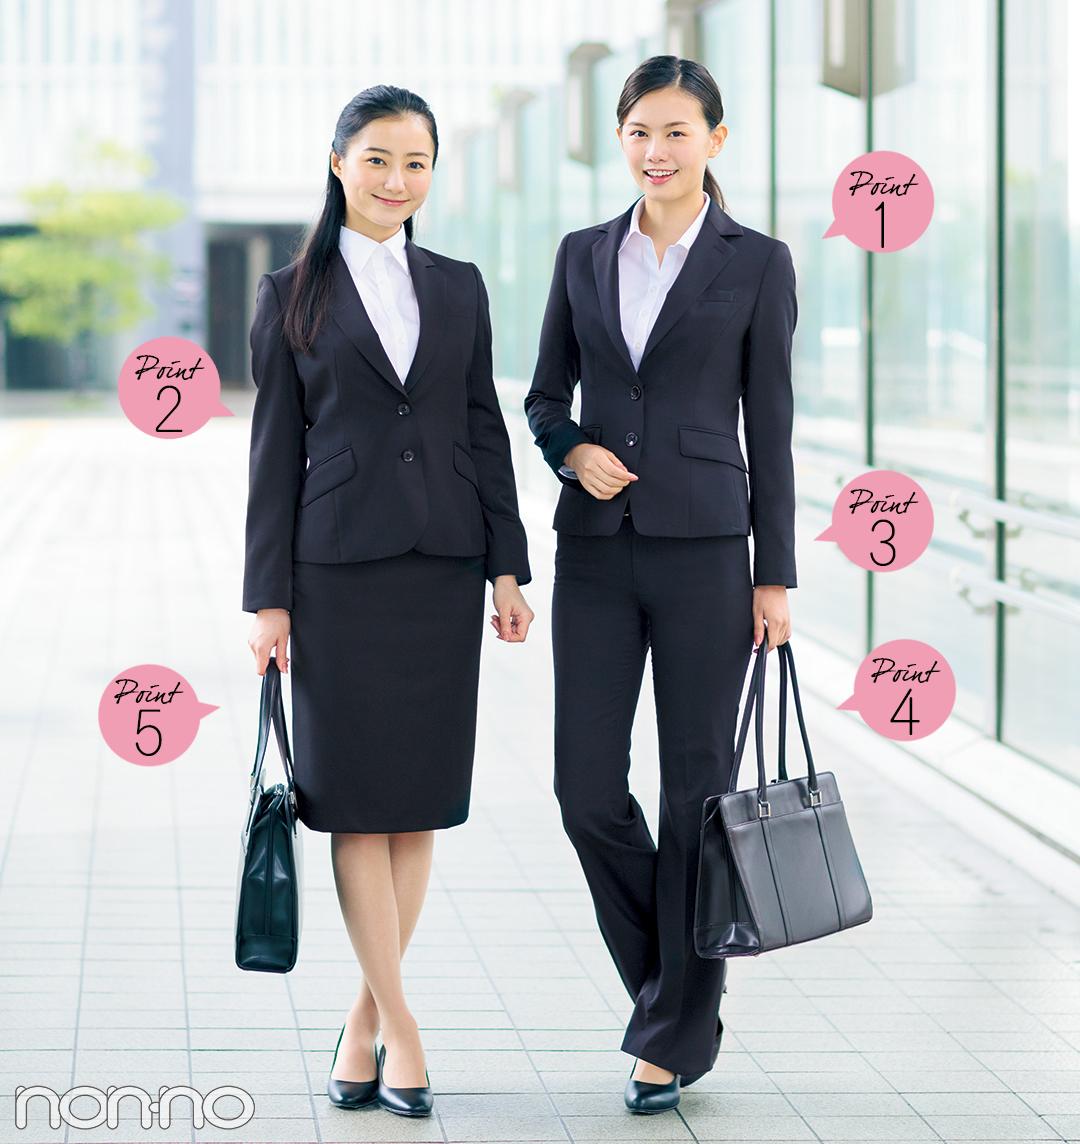 就活スーツ選びは内定者に聞け! 買うべきシャツ&バッグもわかる★_1_1